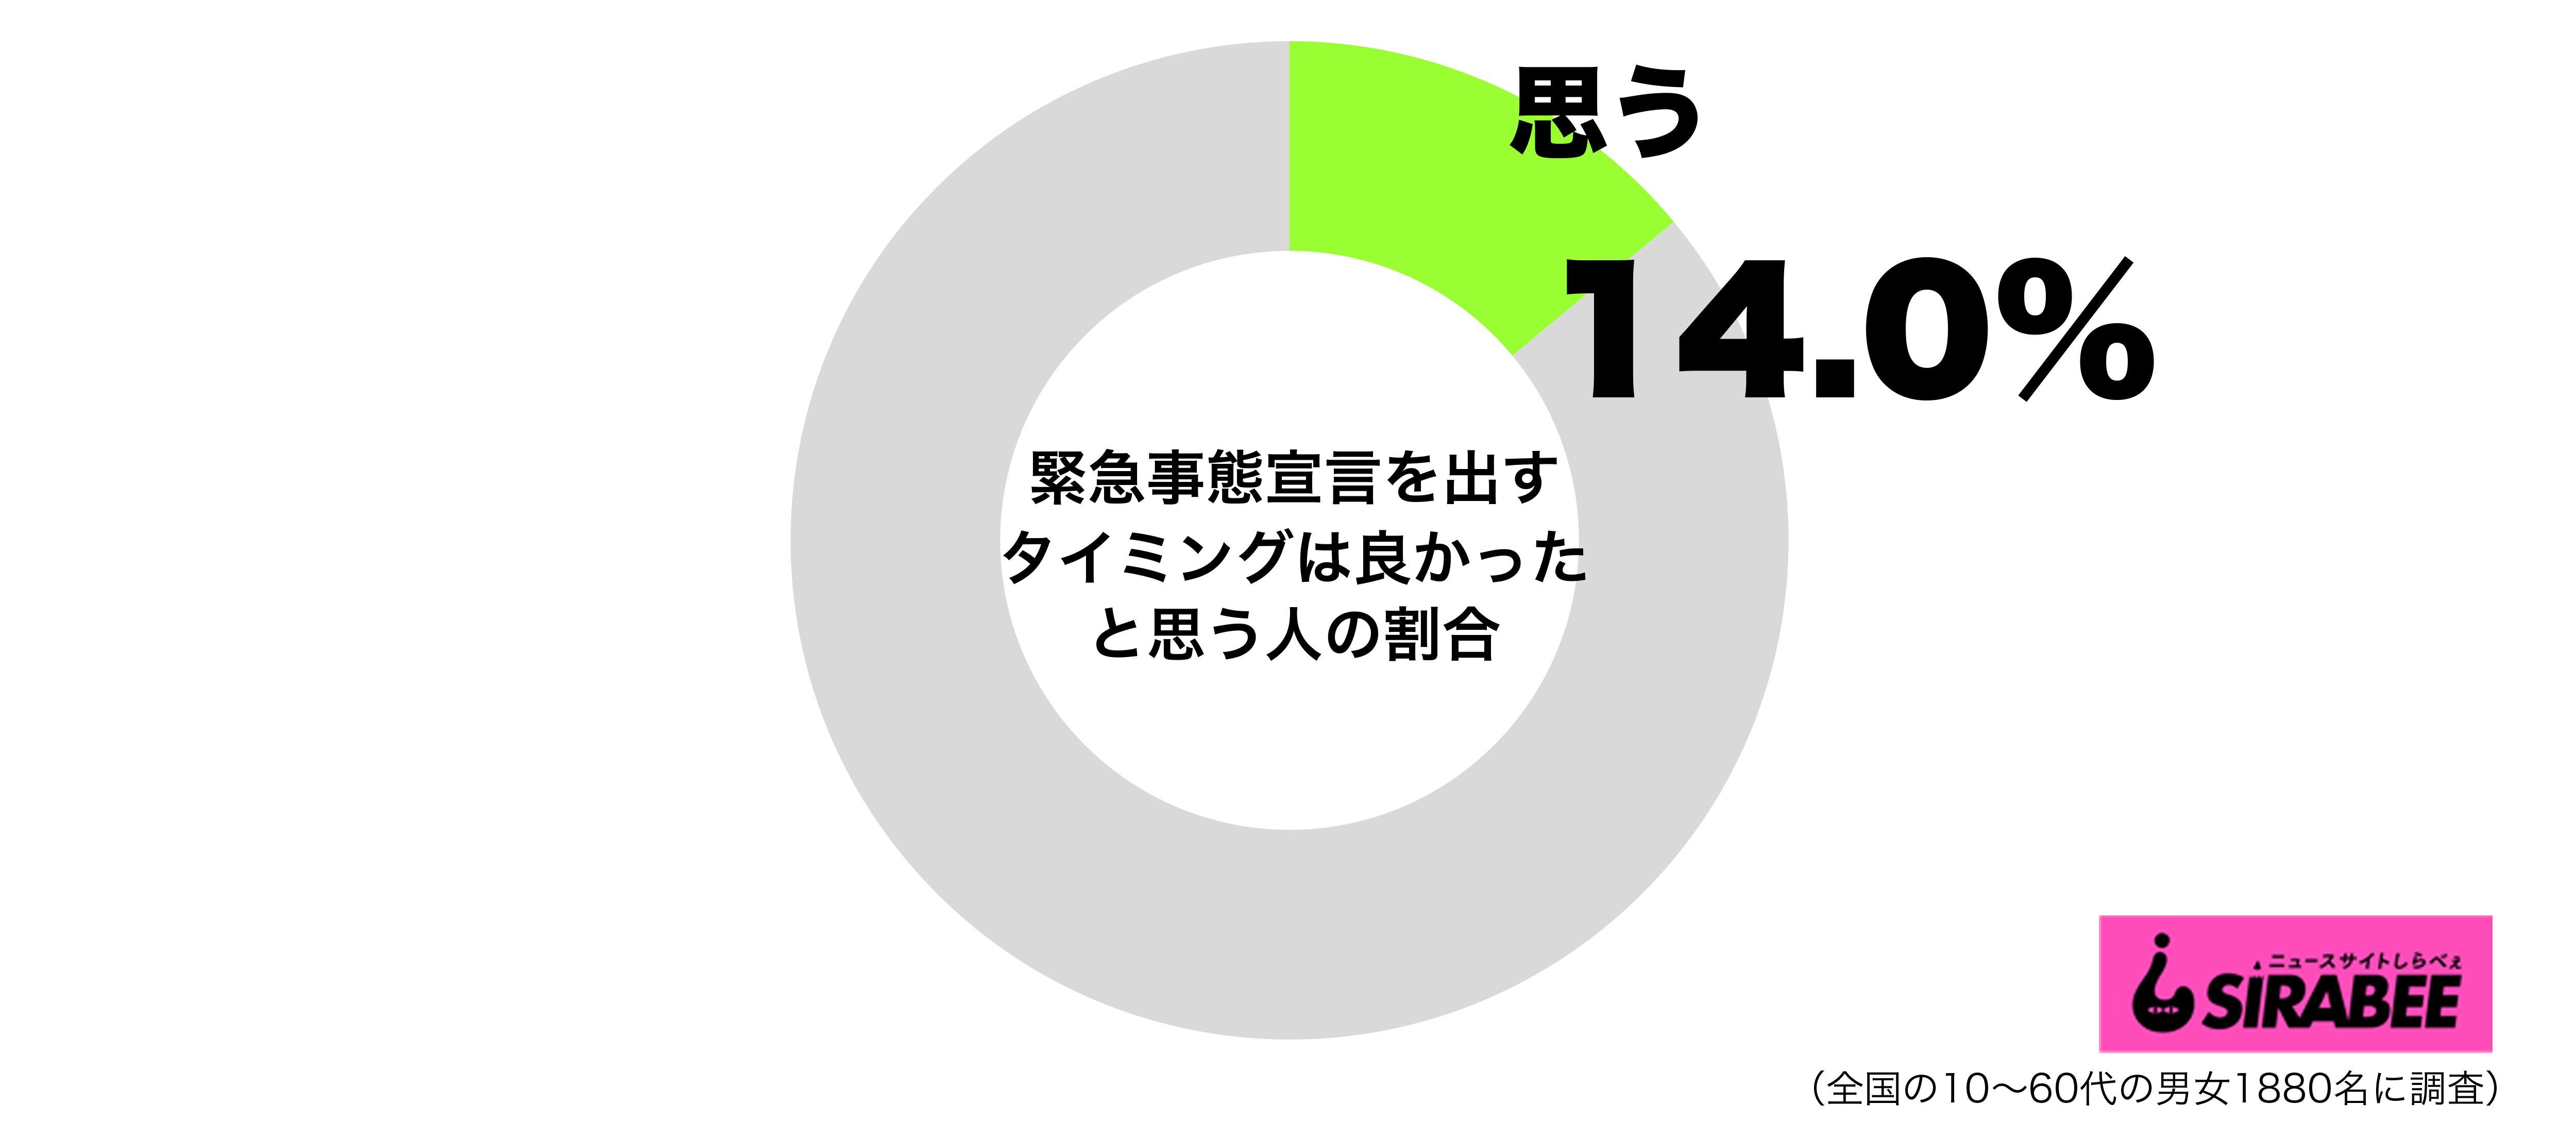 日本が緊急事態宣言を出すタイミングはちょうど良かったと思うグラフ